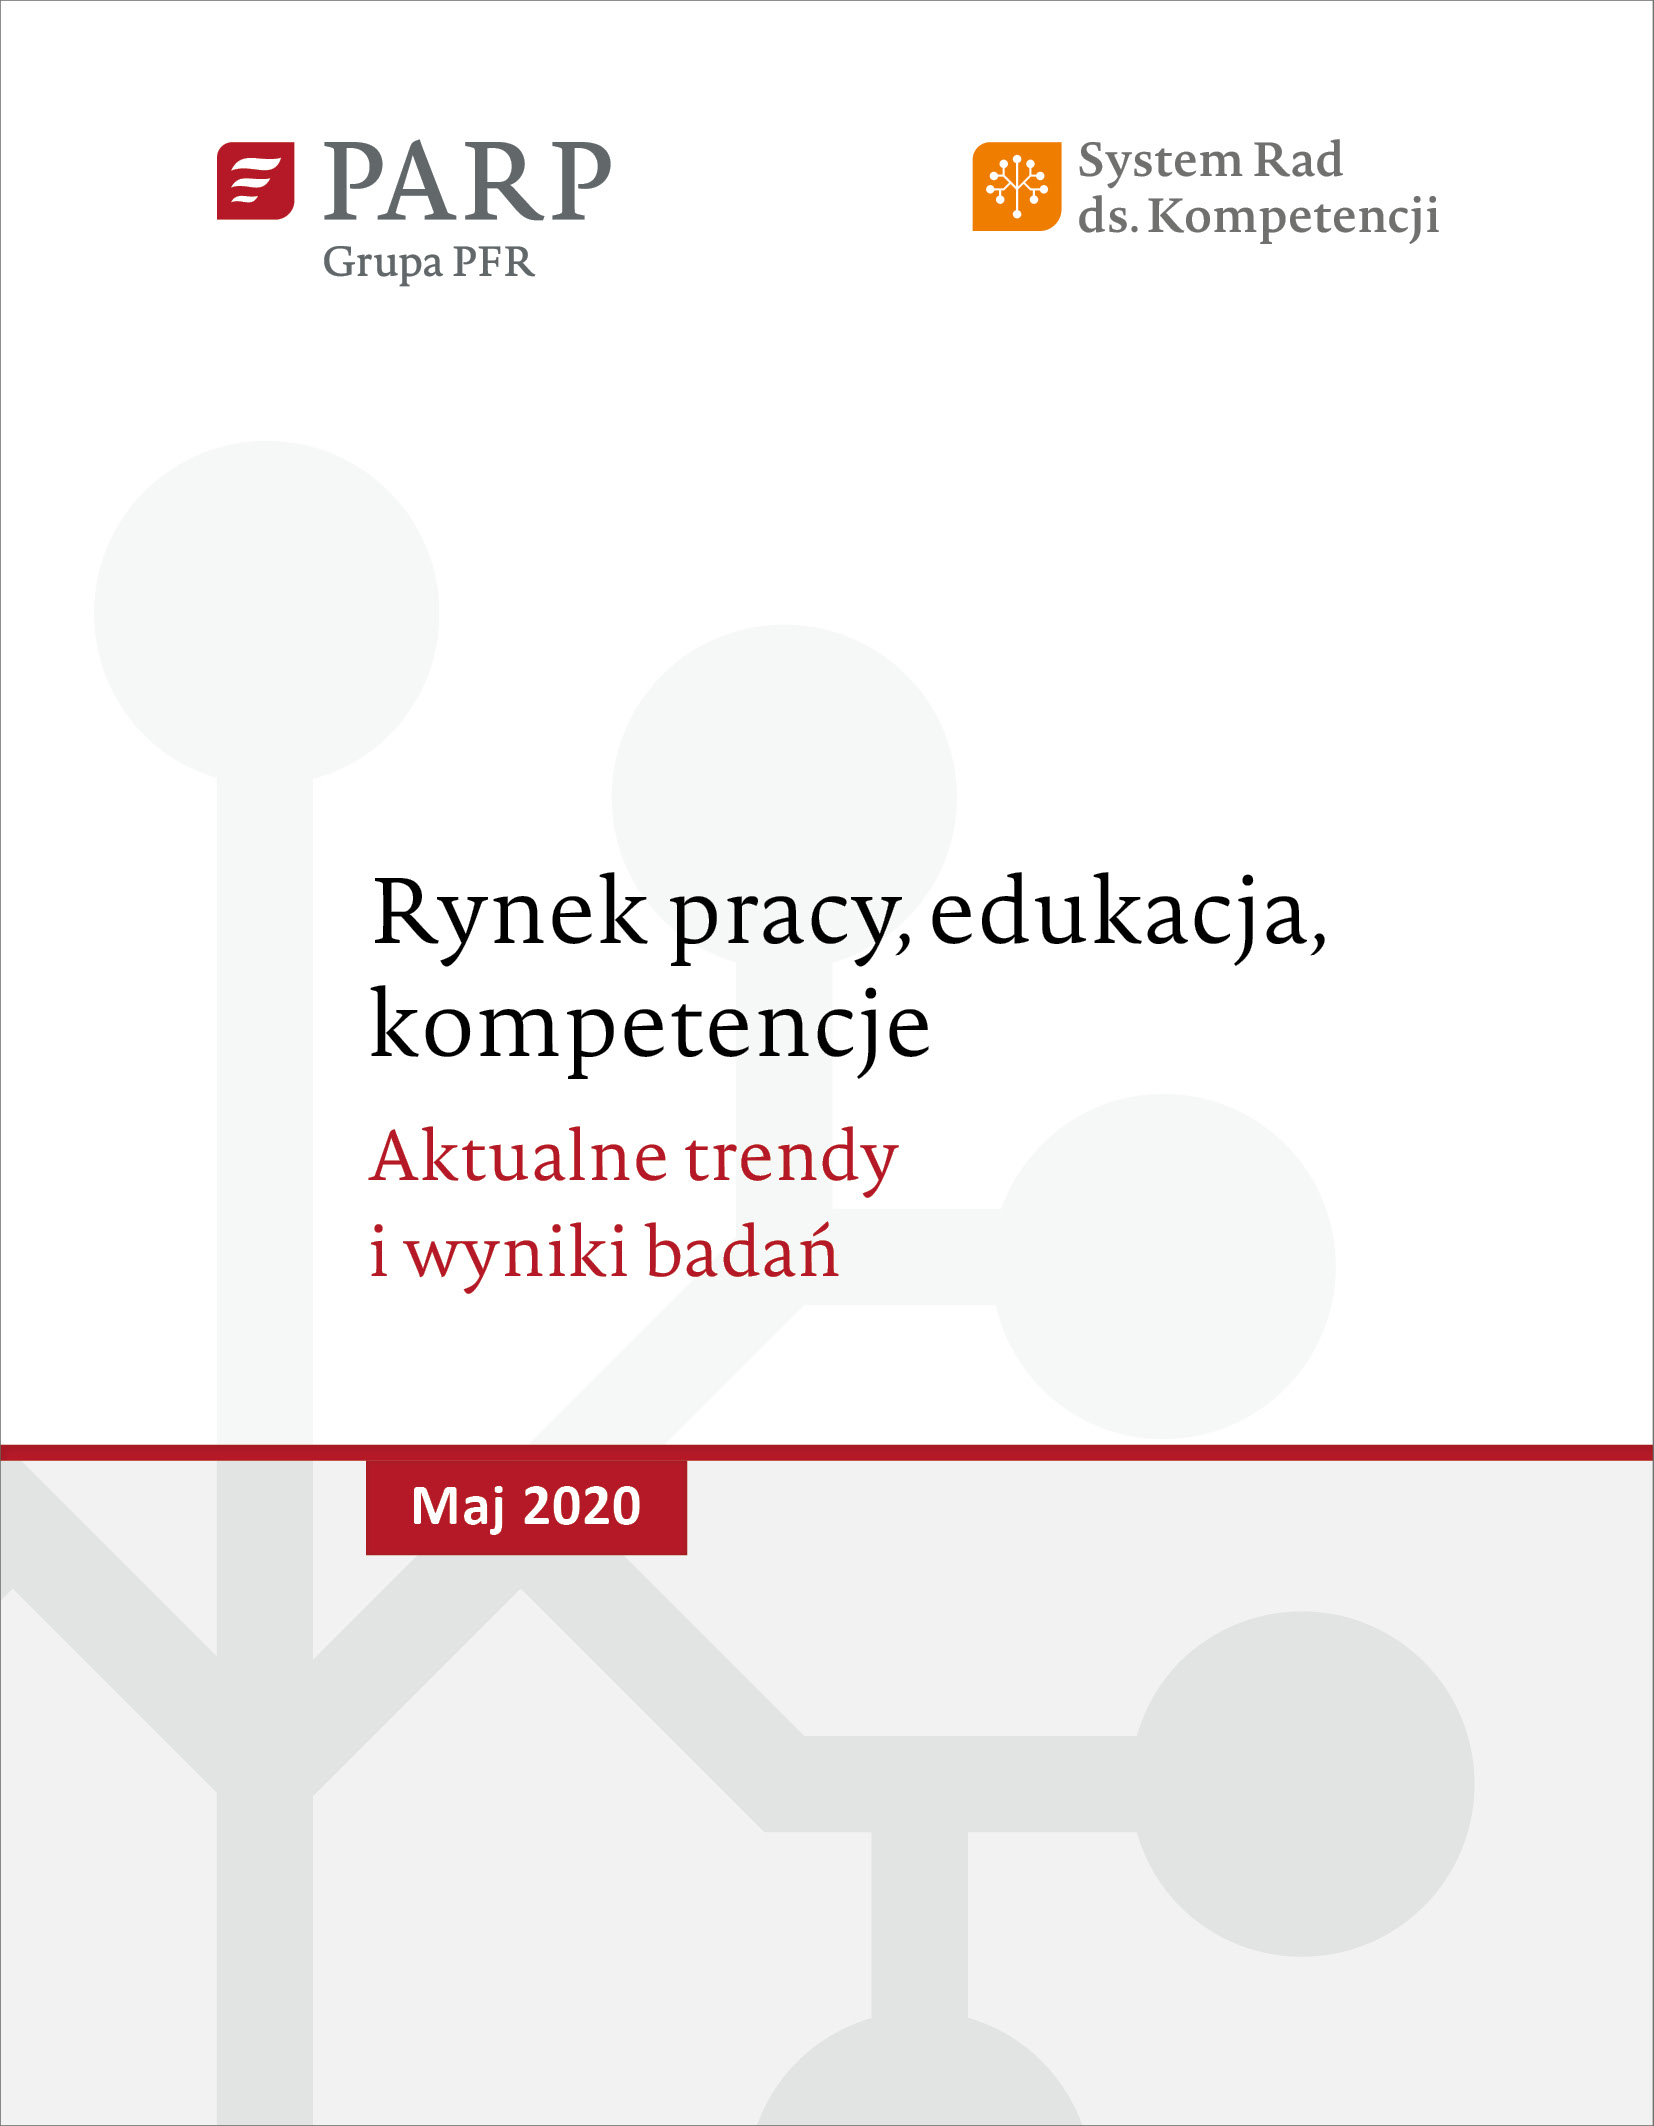 Rynek pracy, edukacja, kompetencje - maj 2020